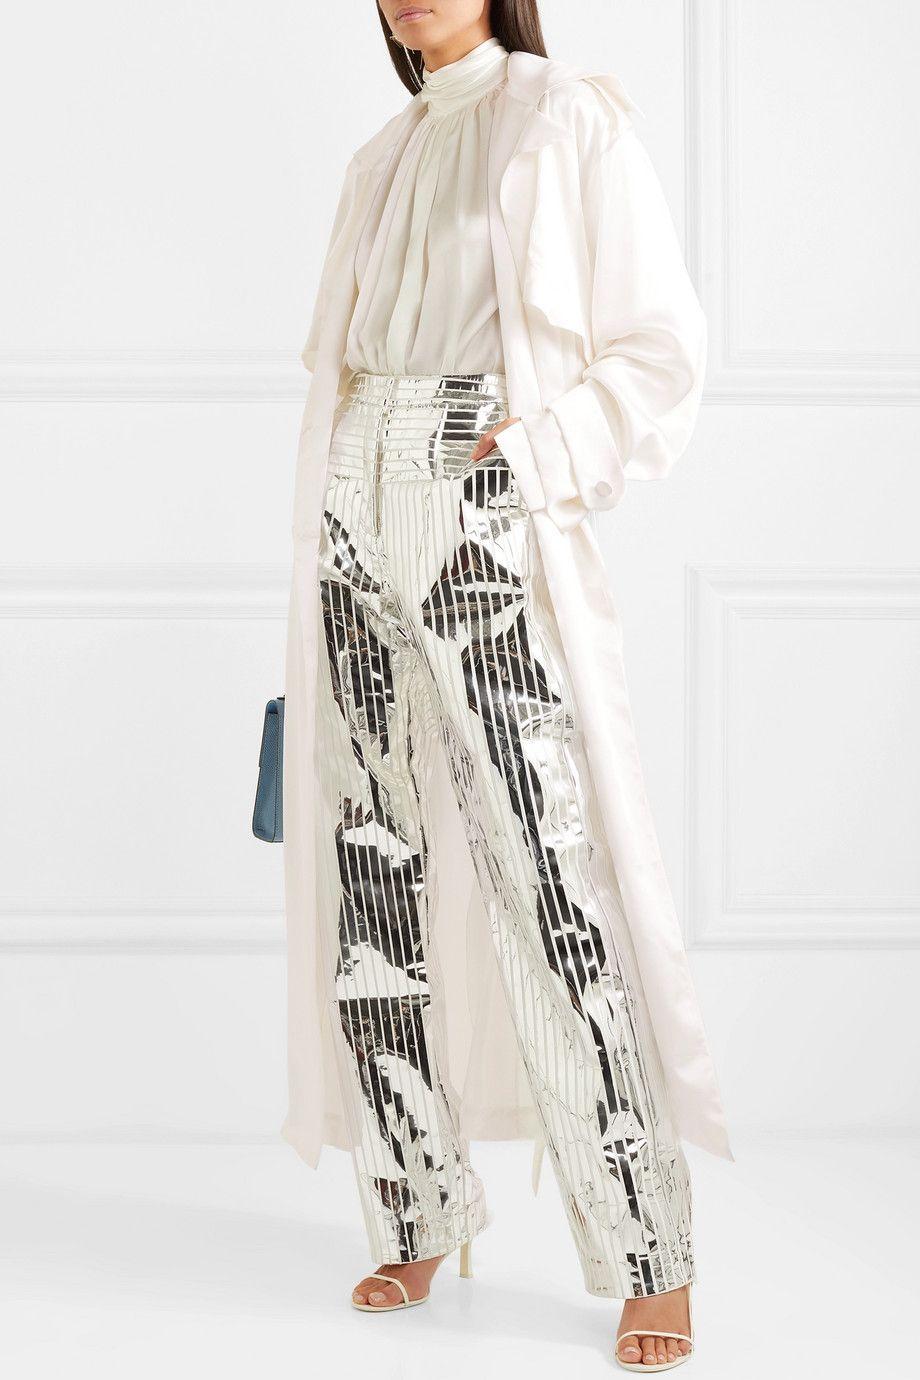 Trang phục màu trắng 9